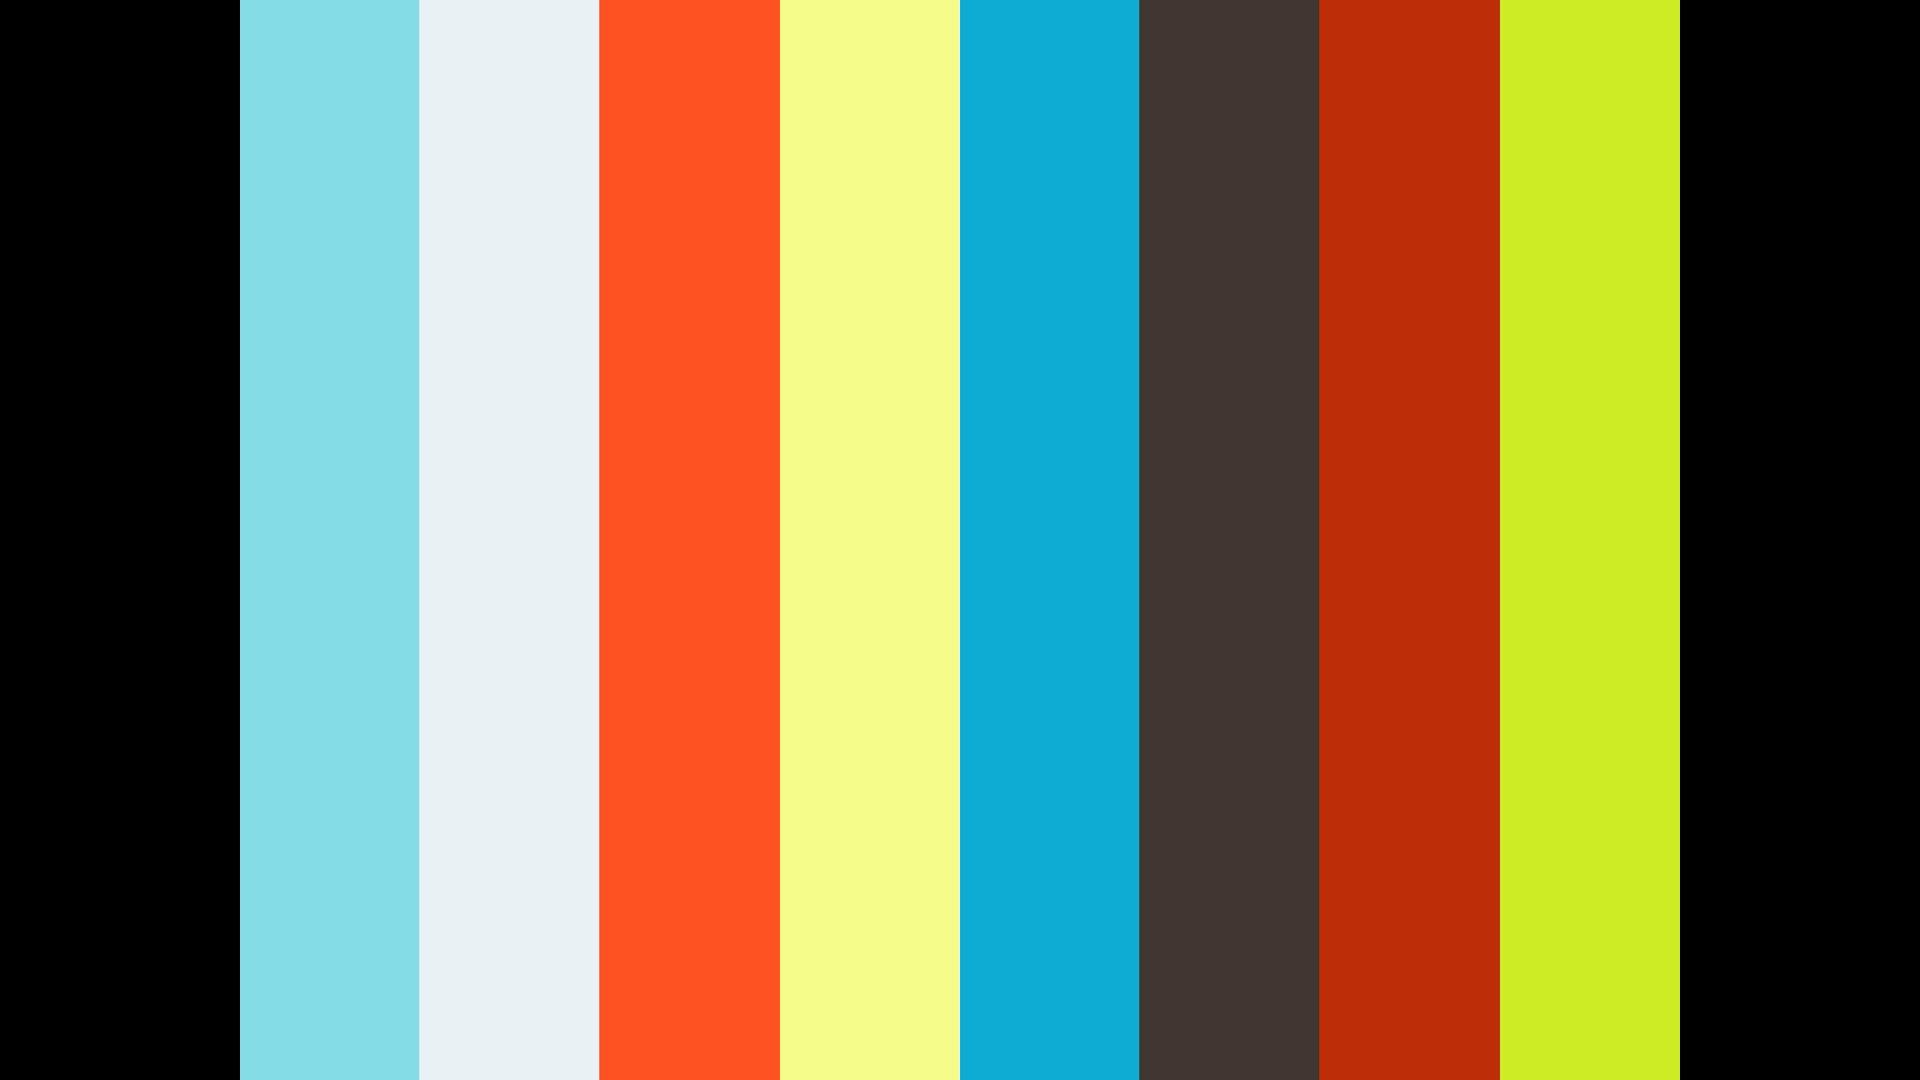 Jennifer Madriz Podcast Show by Ouse.tv